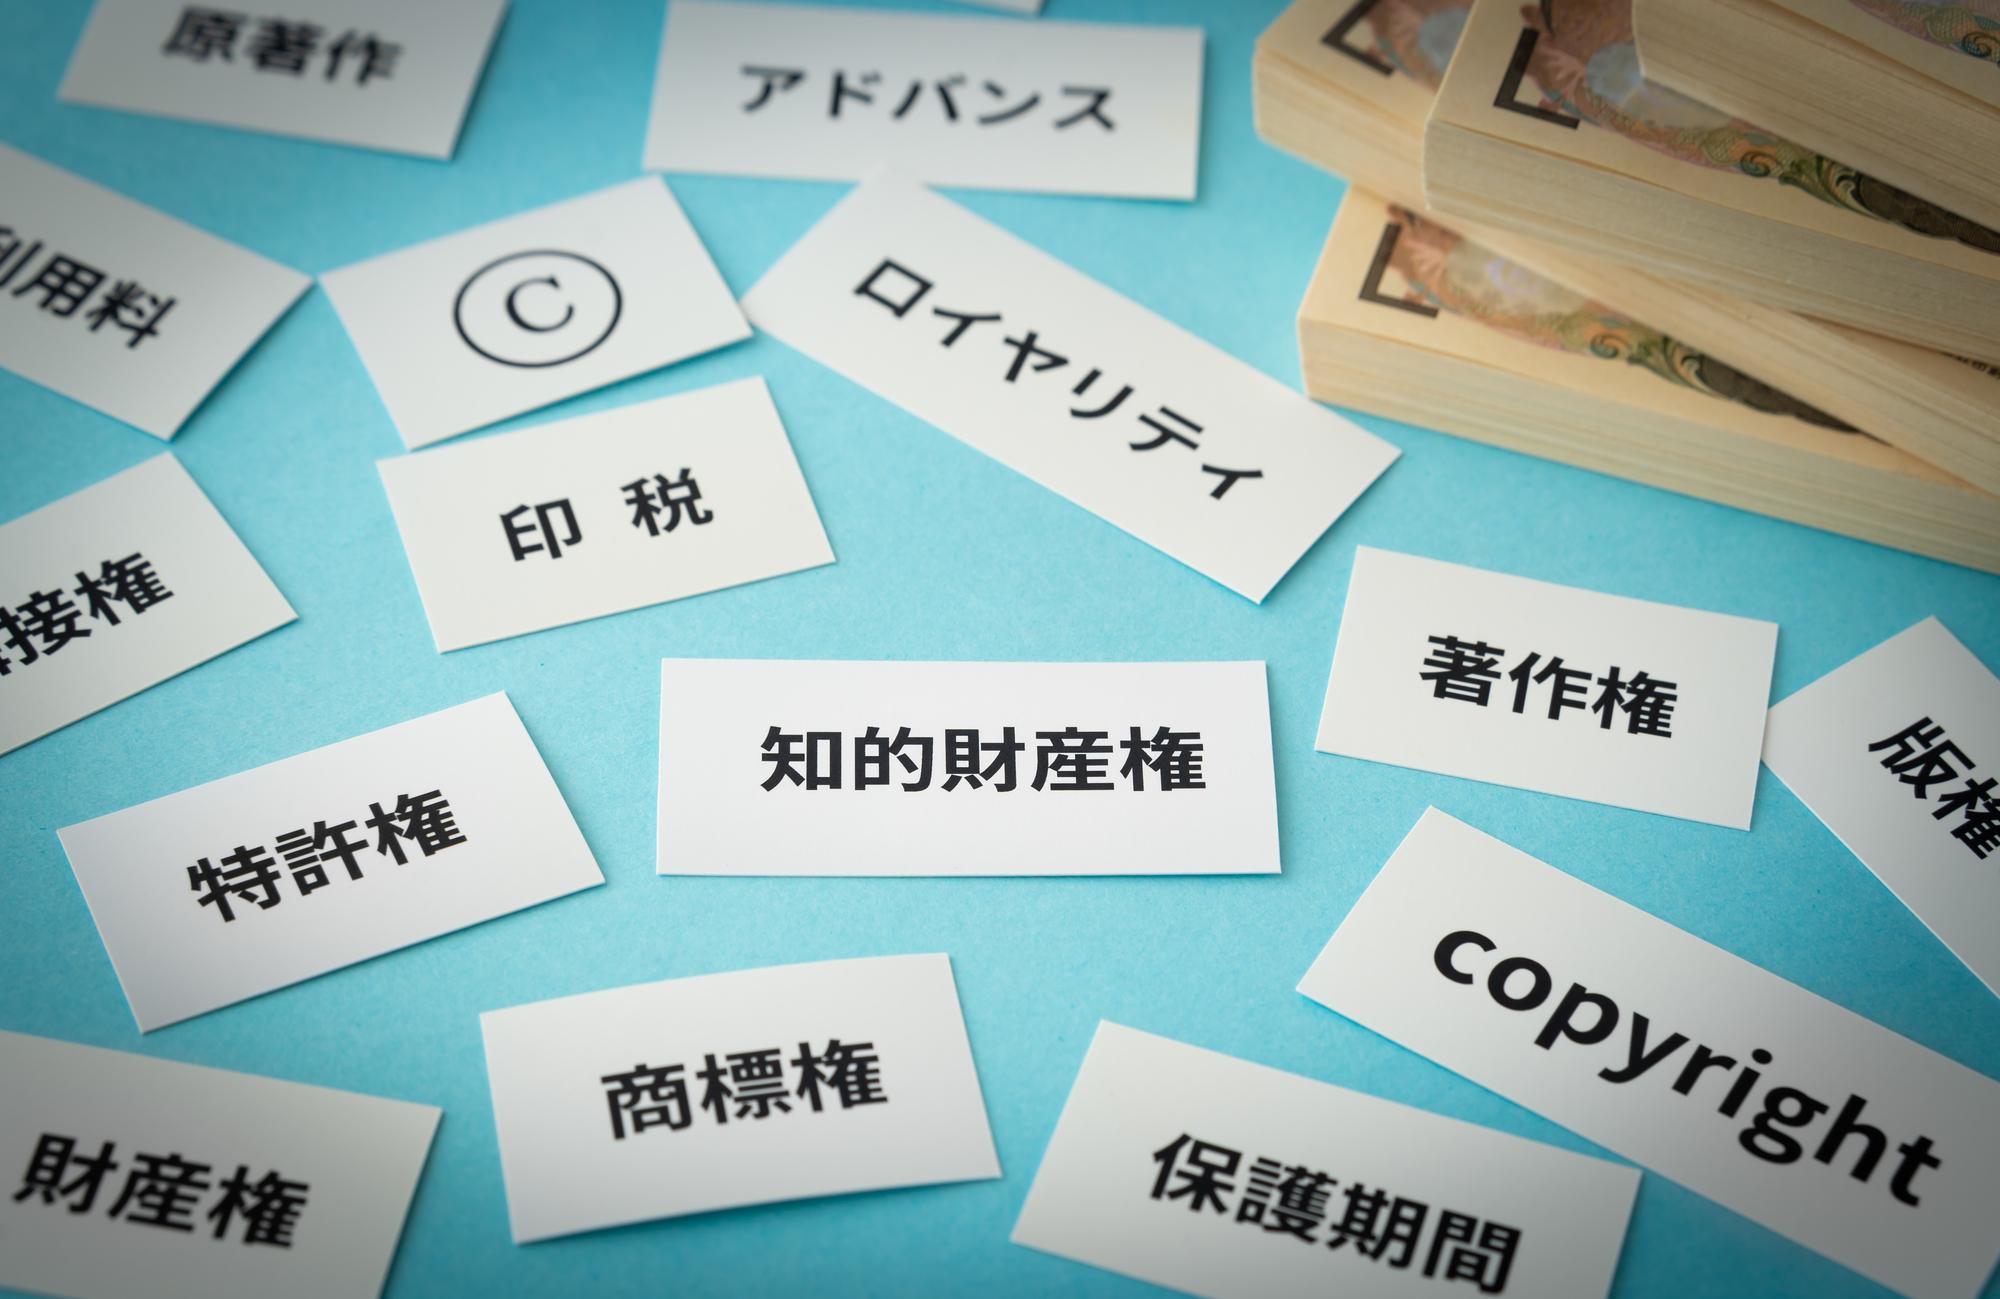 知的財産権、特許権、著作権等様々な権利が存在する